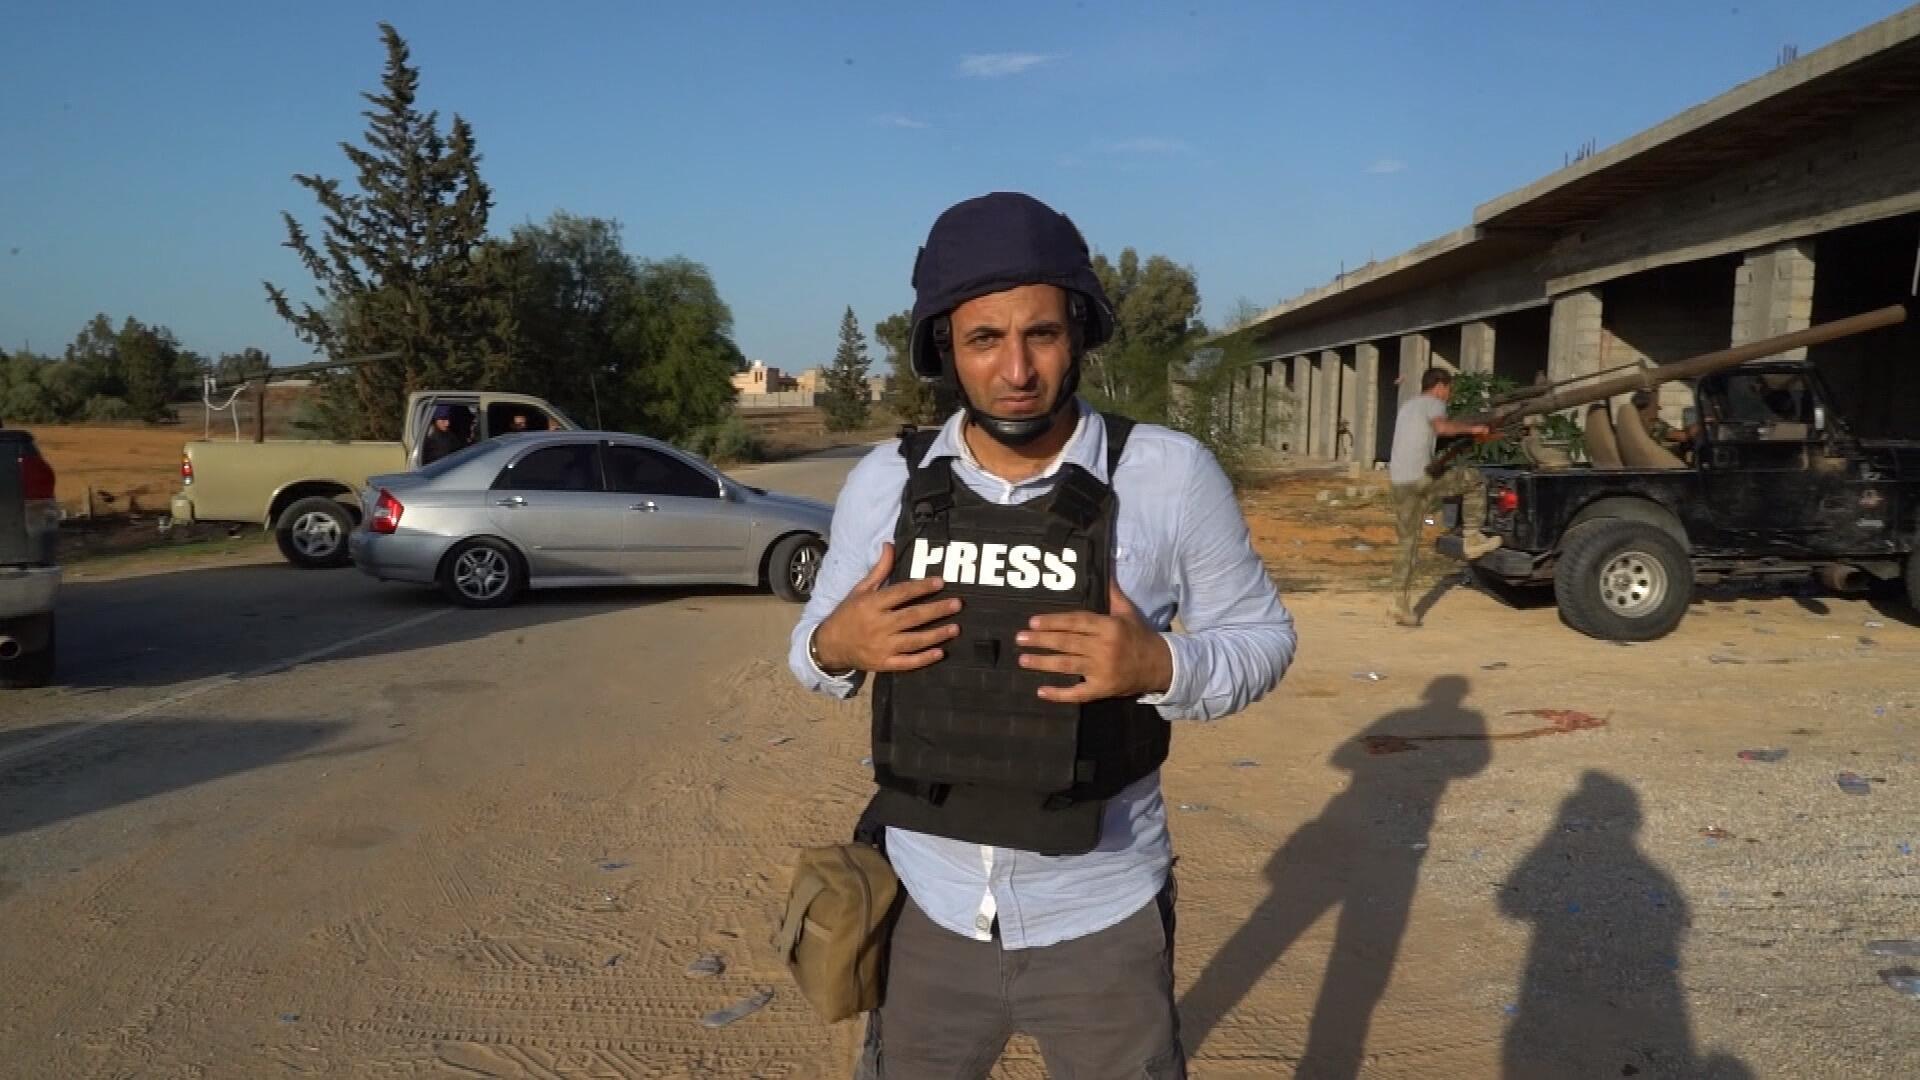 عبد الله ملكاوي خلال إنجازه سلسلة الريبورتاجات في ليبيا